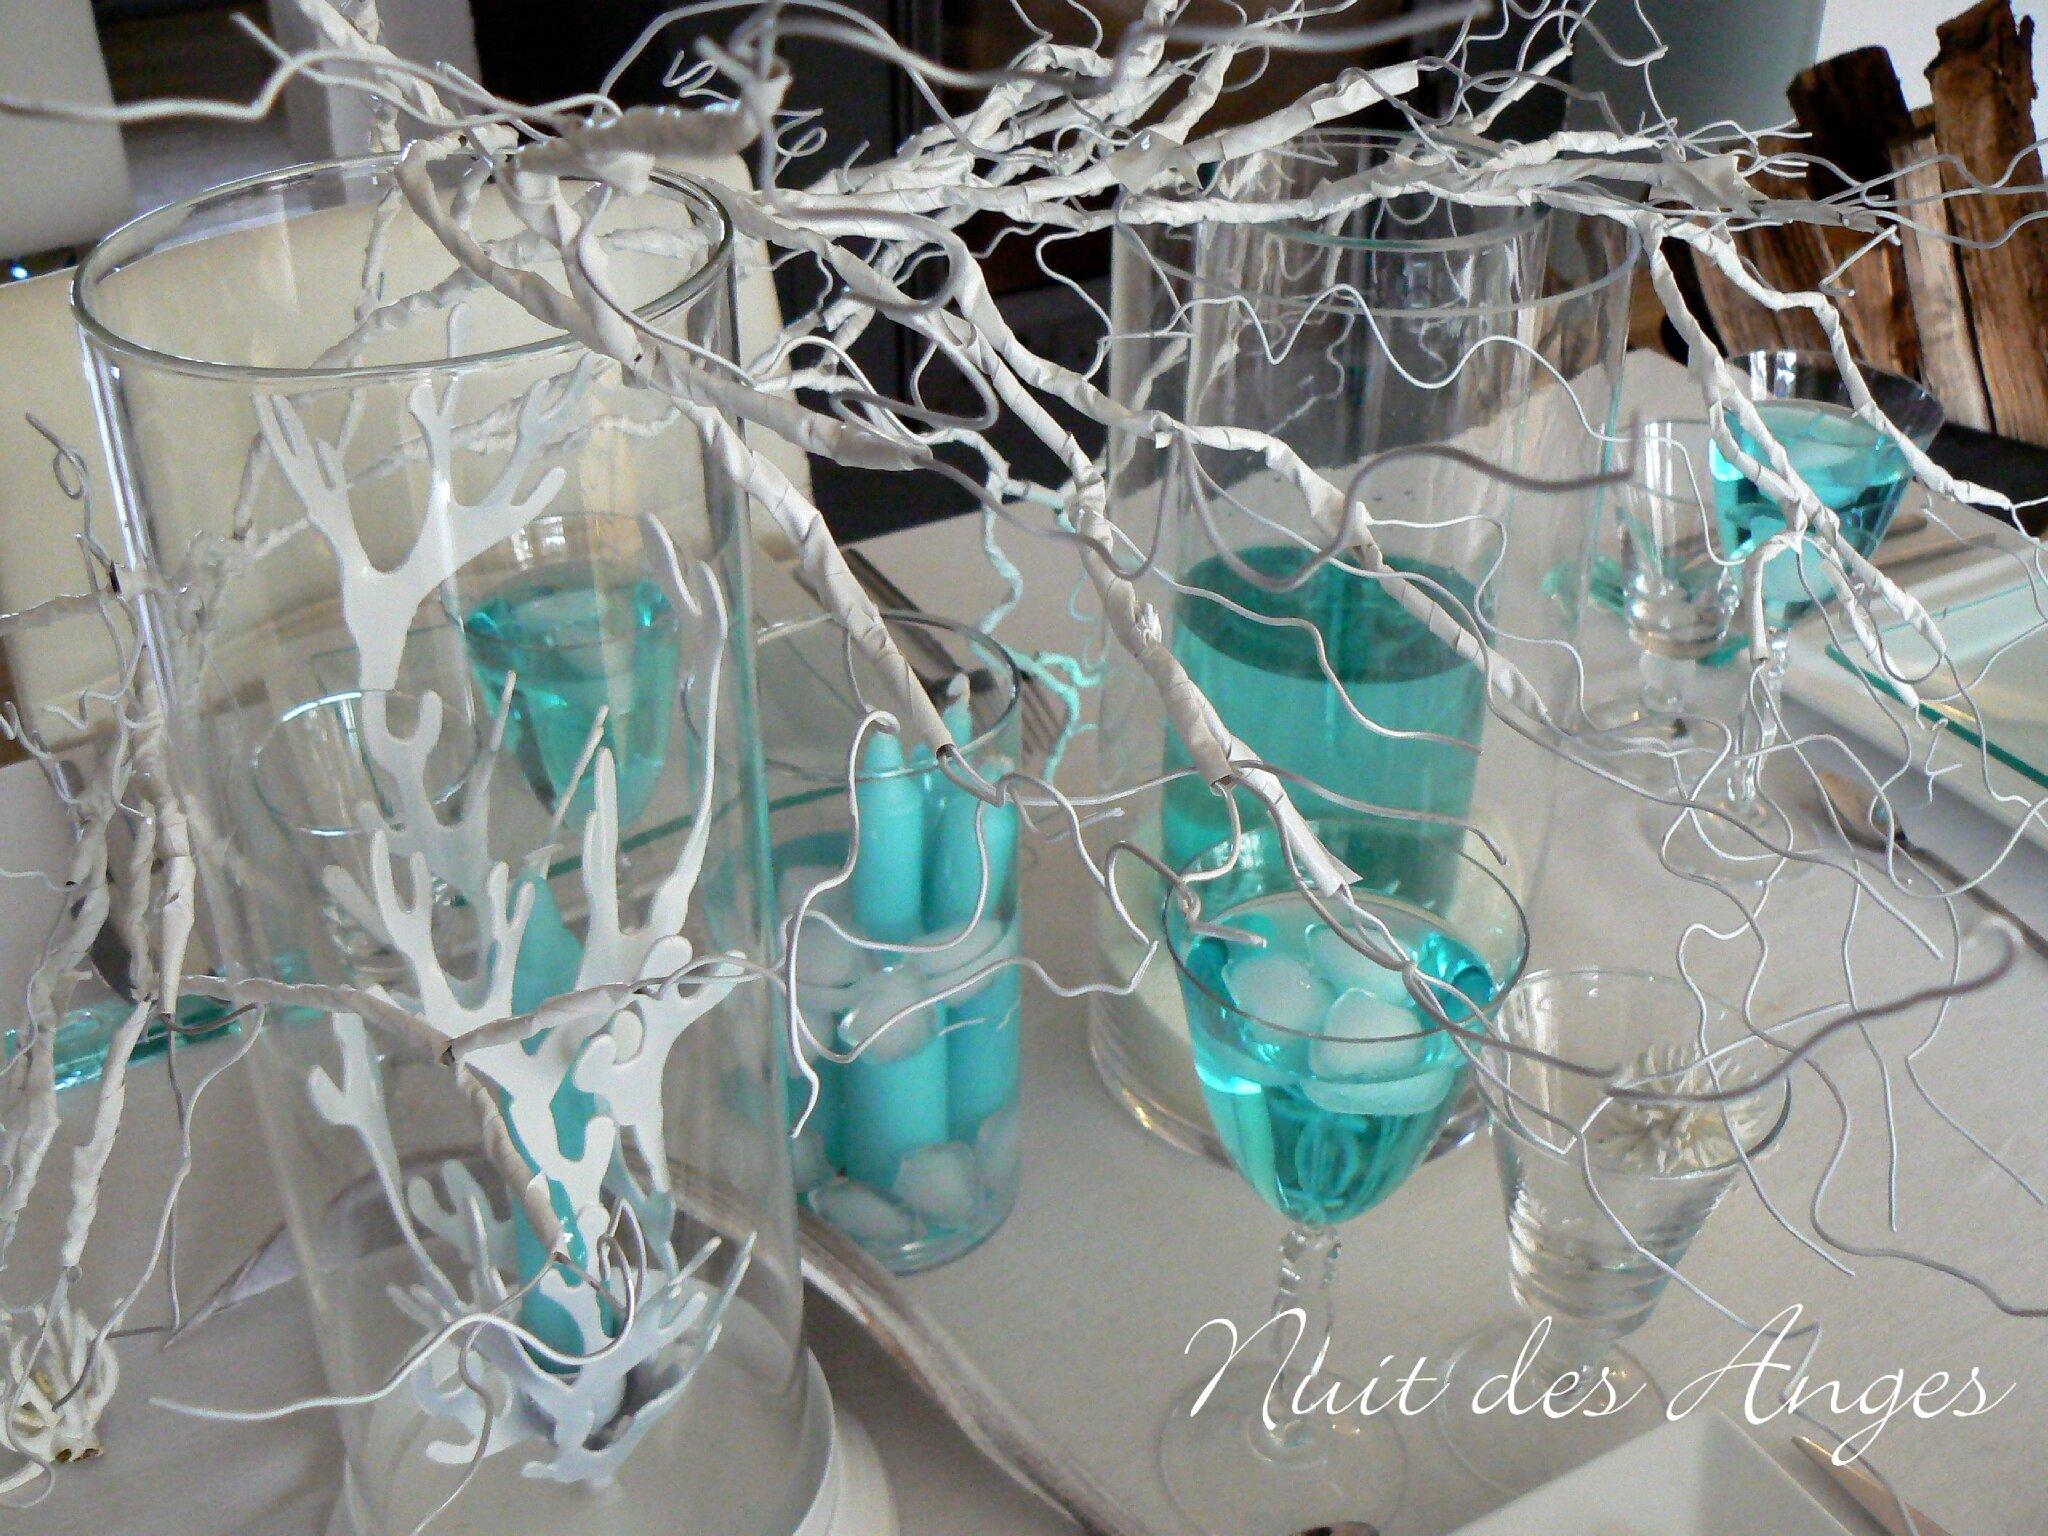 D coration de table exotique turquoise nuit des anges for Deco salon turquoise gris